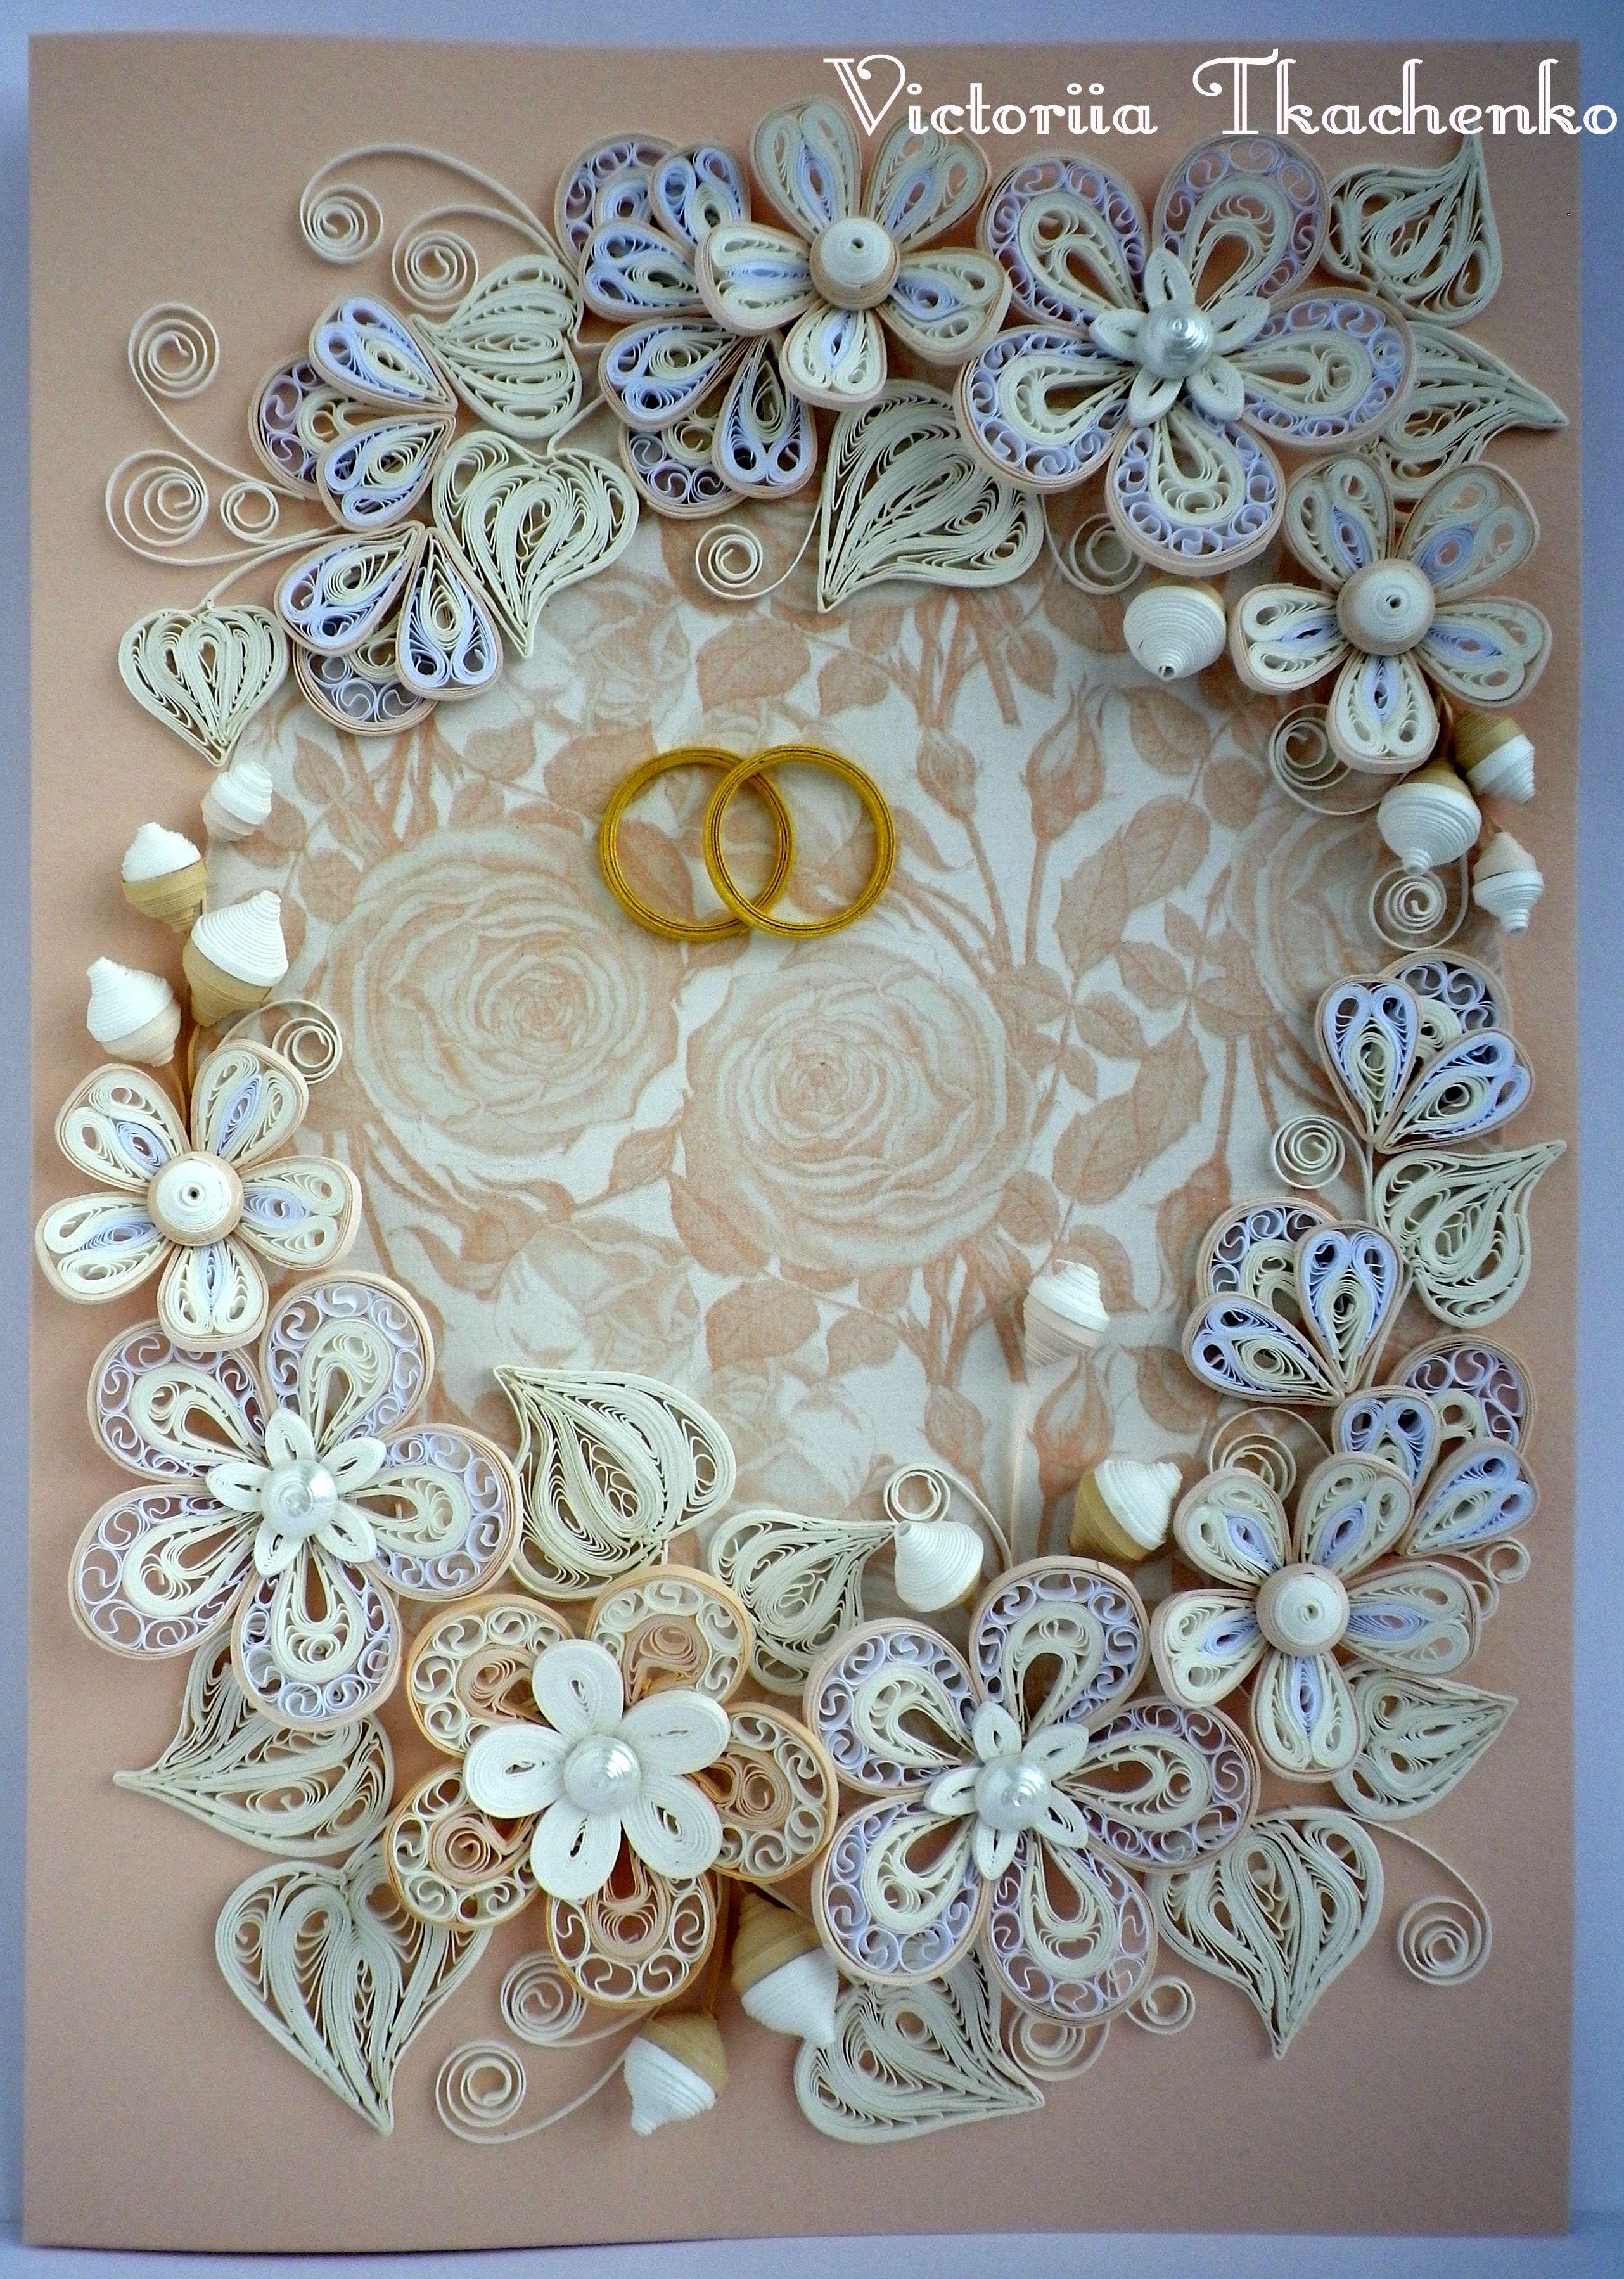 quilled wedding card by victoriia tkachenko